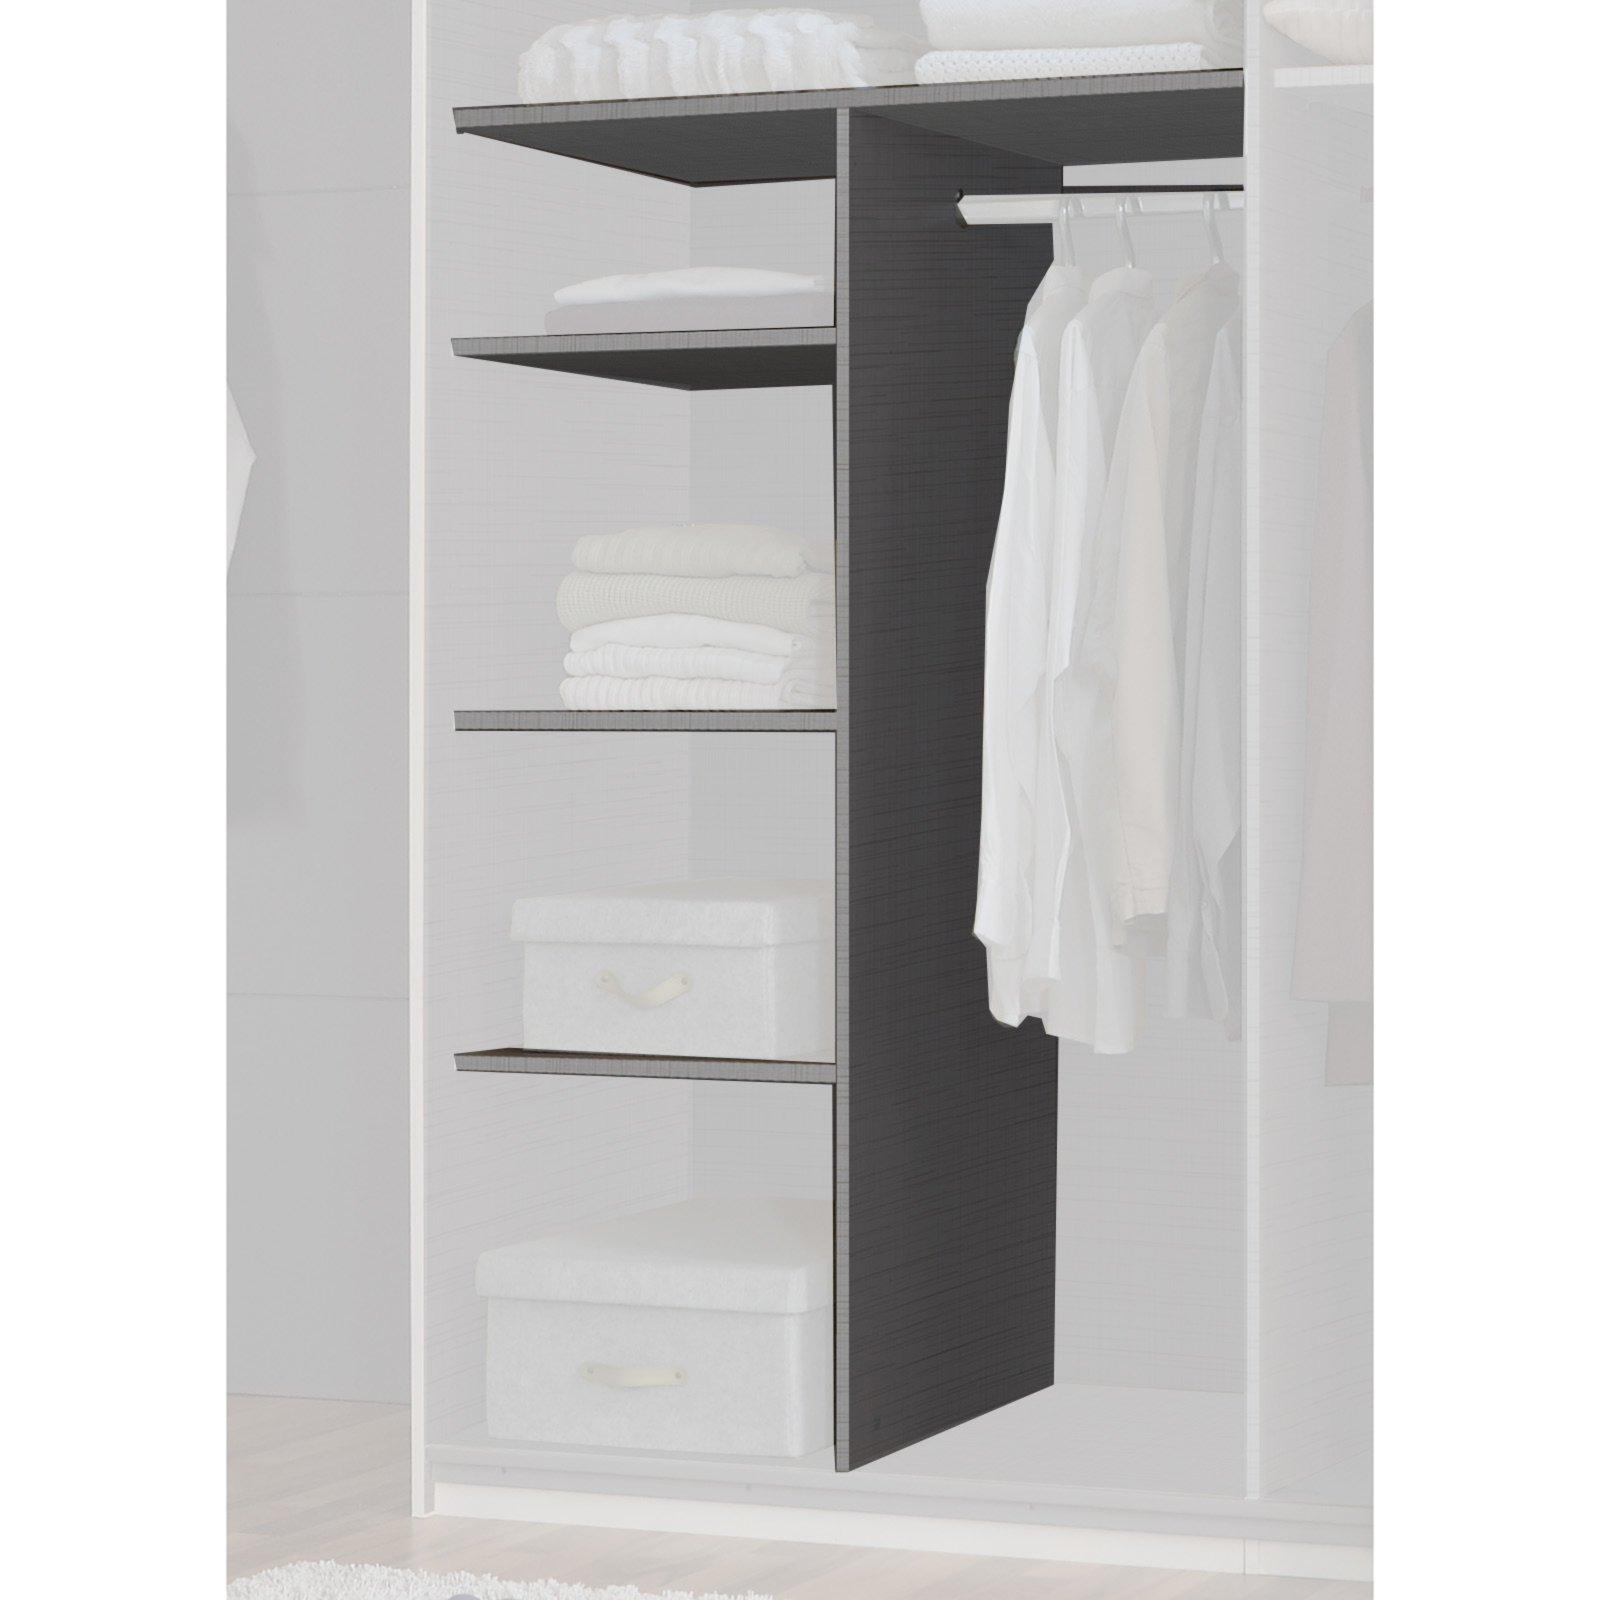 kleiderschrank f r keller begehbarer kleiderschrank selber bauen anleitung. Black Bedroom Furniture Sets. Home Design Ideas